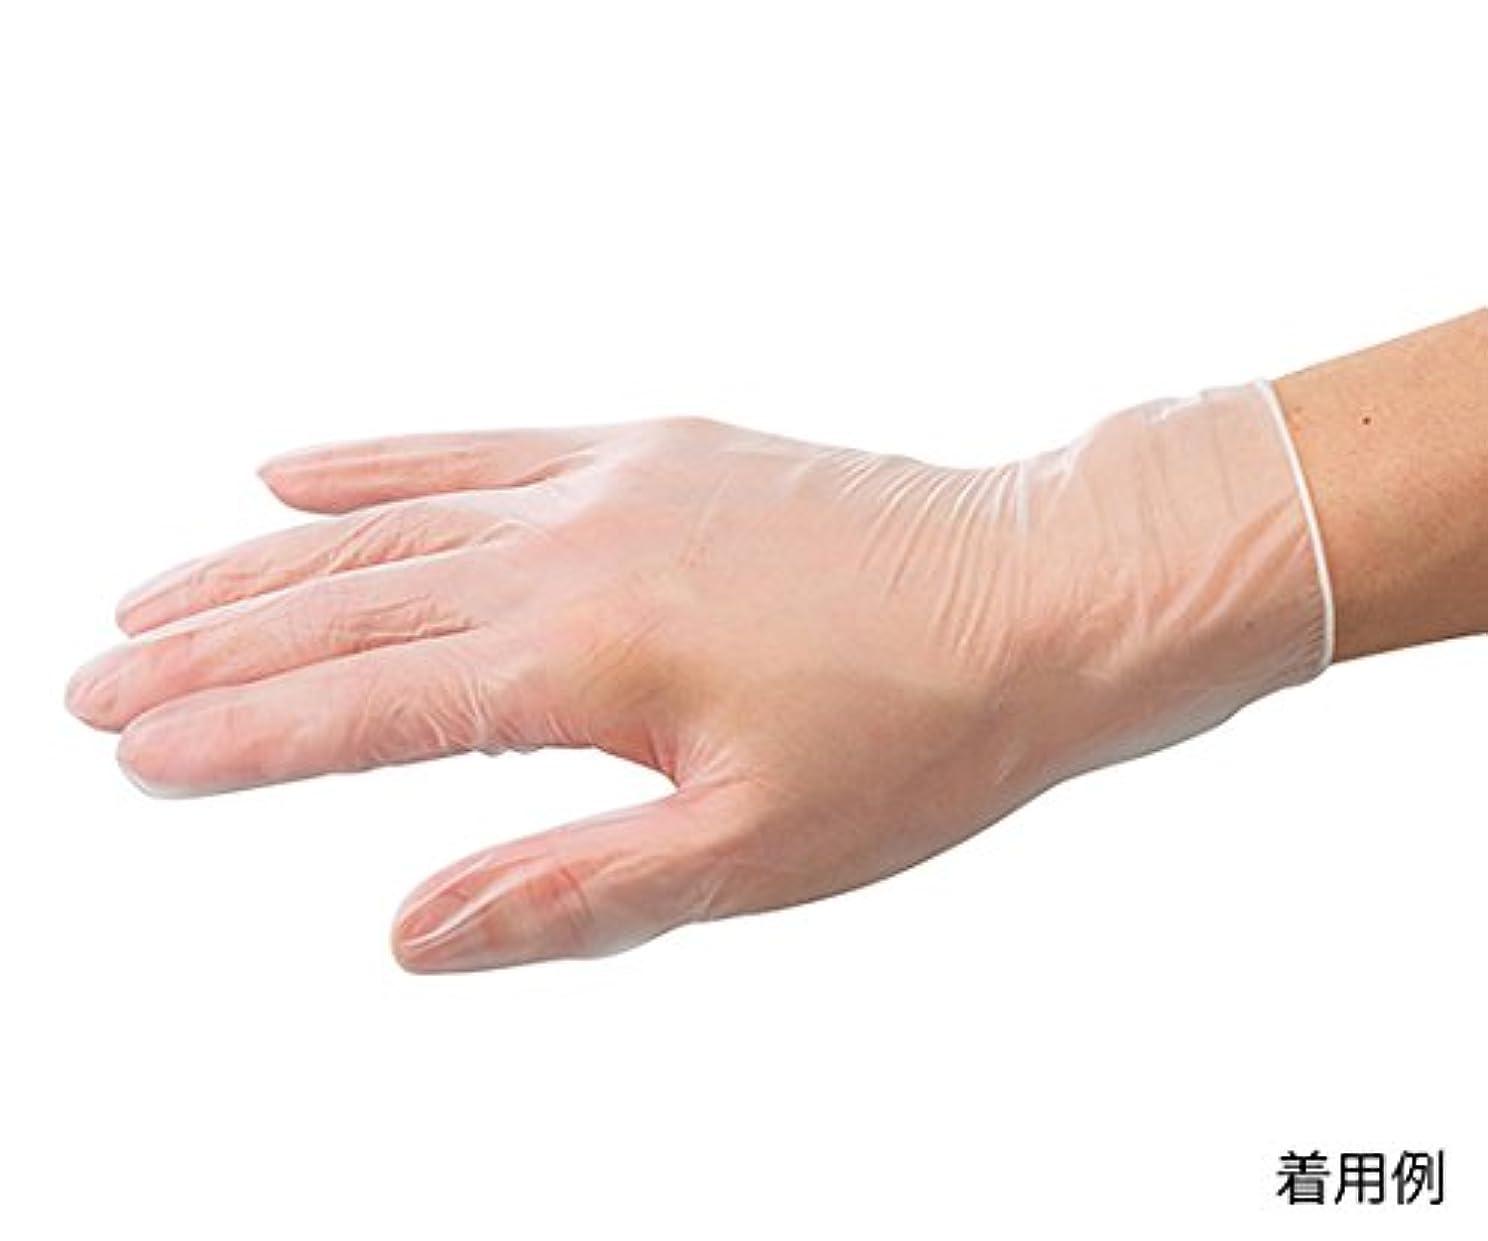 博物館予報無謀ARメディコム?インク?アジアリミテッド7-3726-01バイタルプラスチック手袋(パウダーフリー)S150枚入